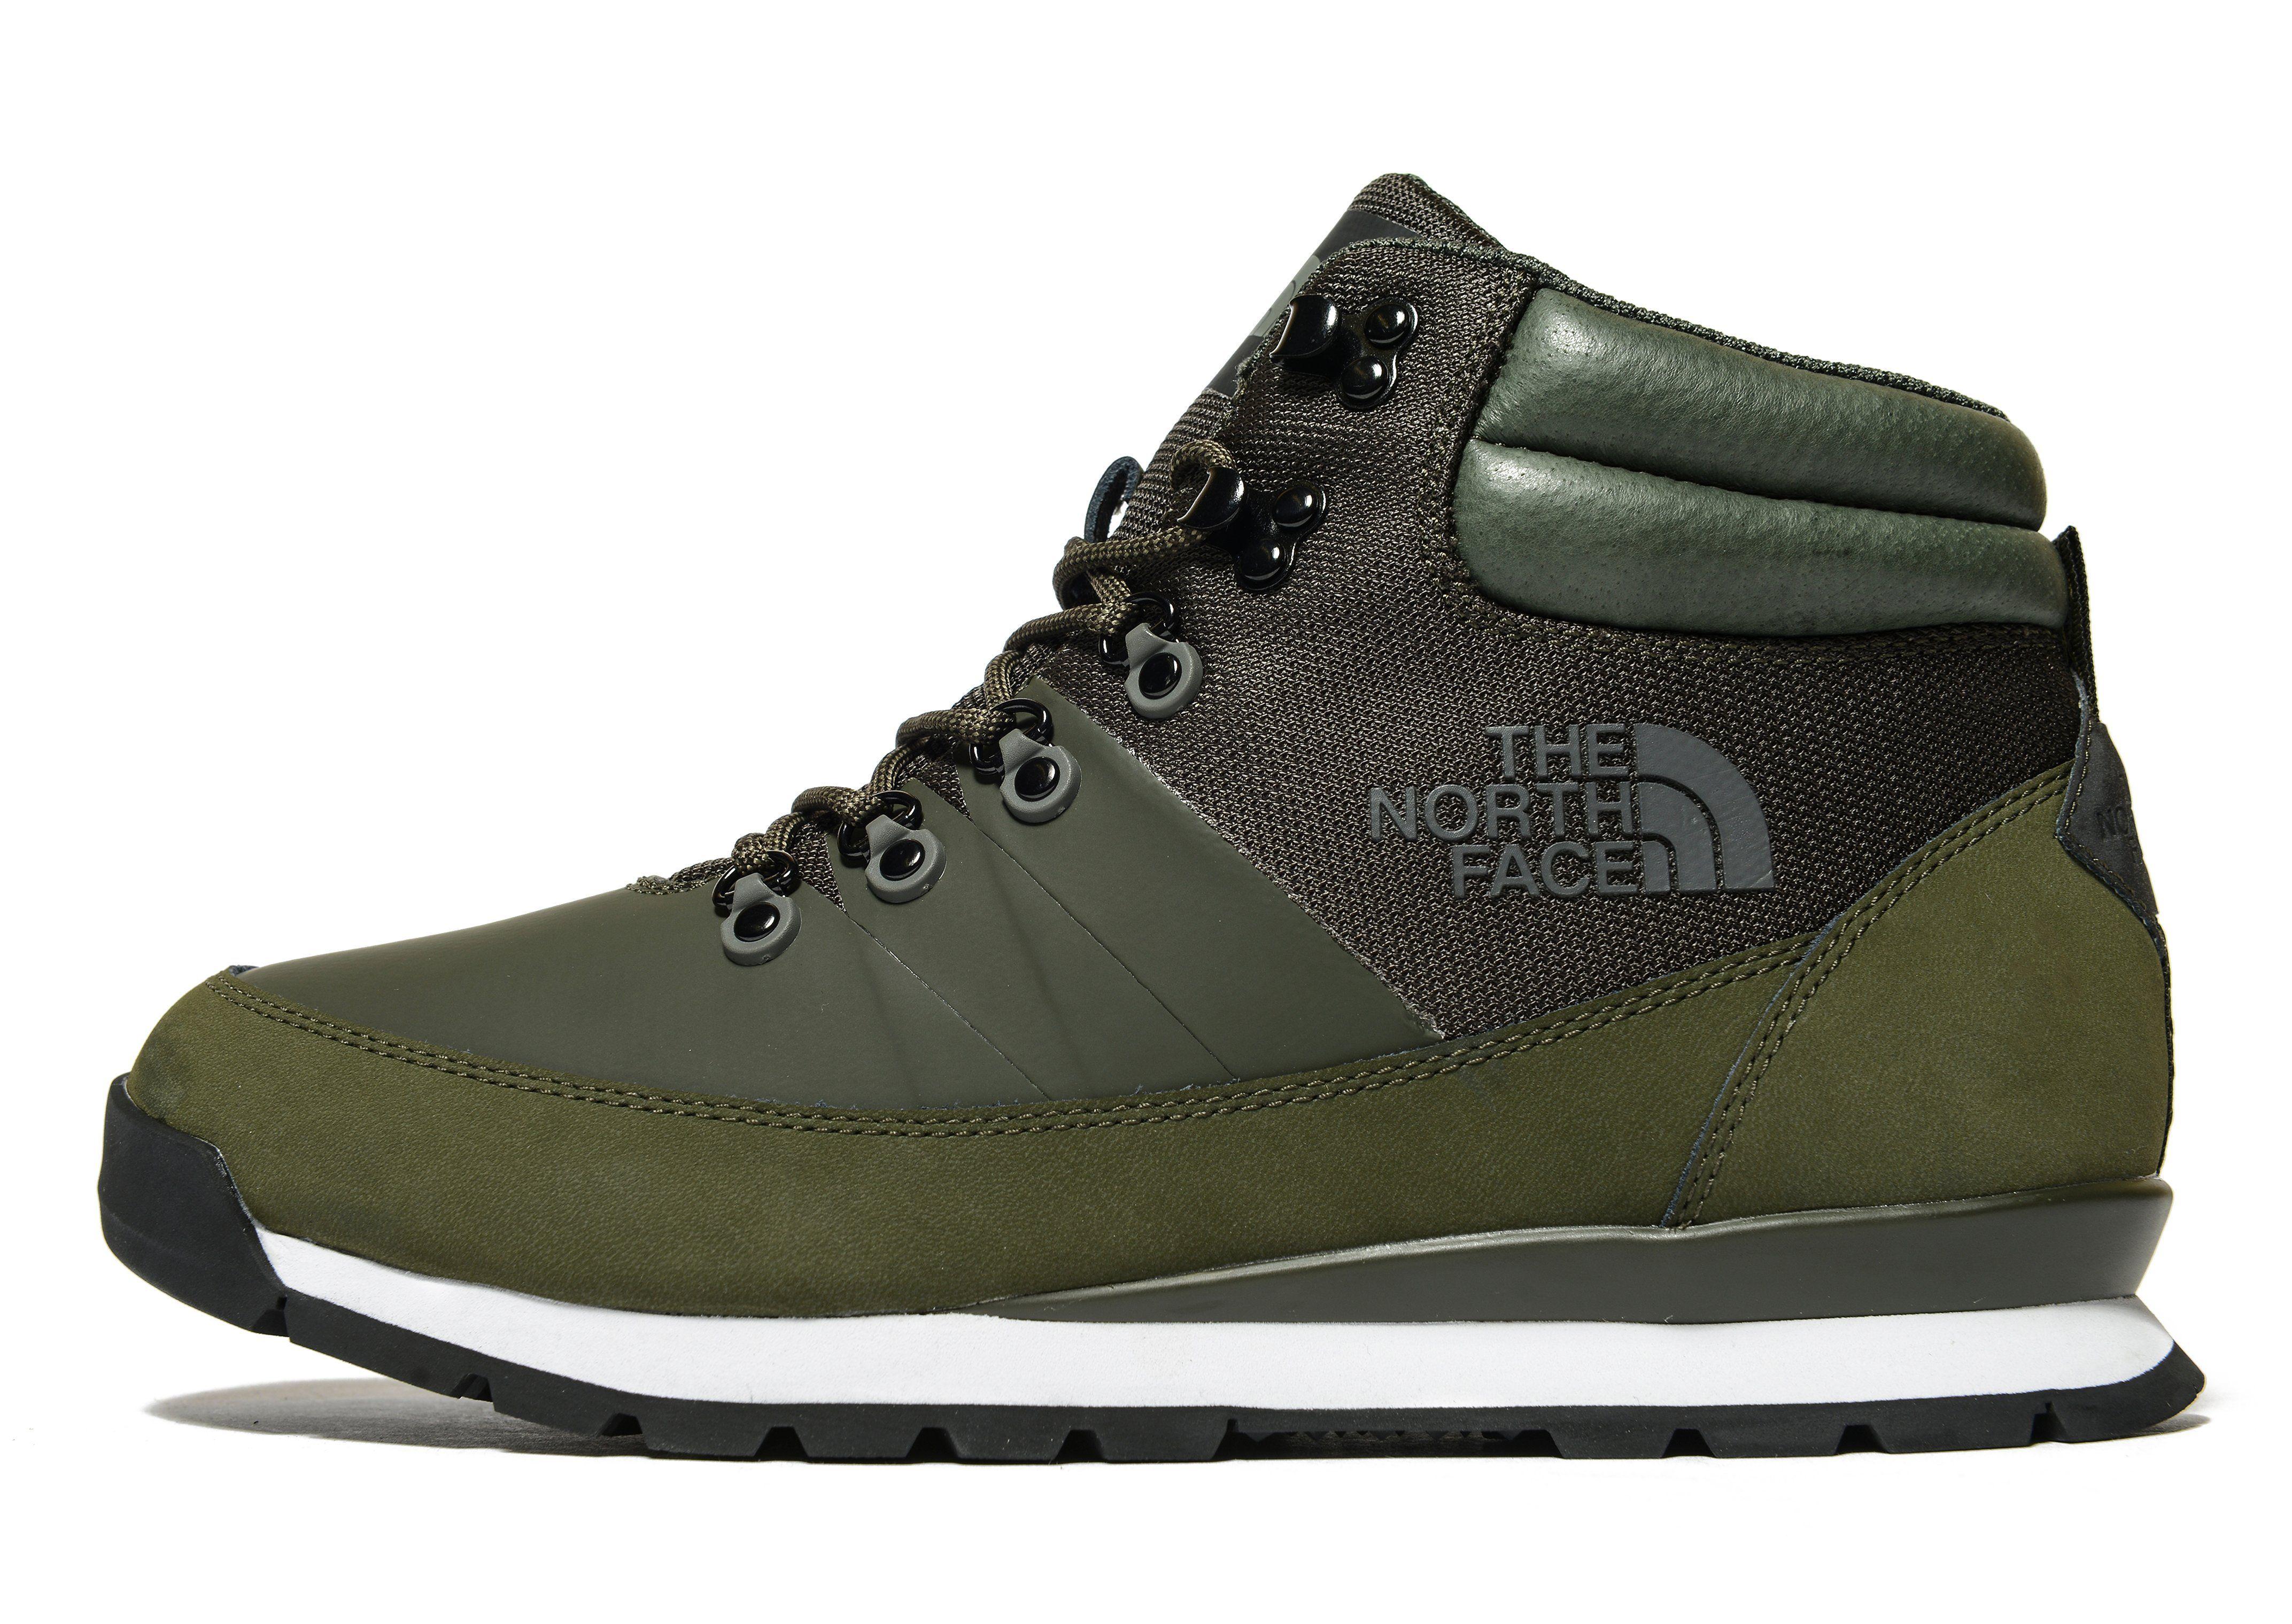 713df9dc8883 air jordan north face boot